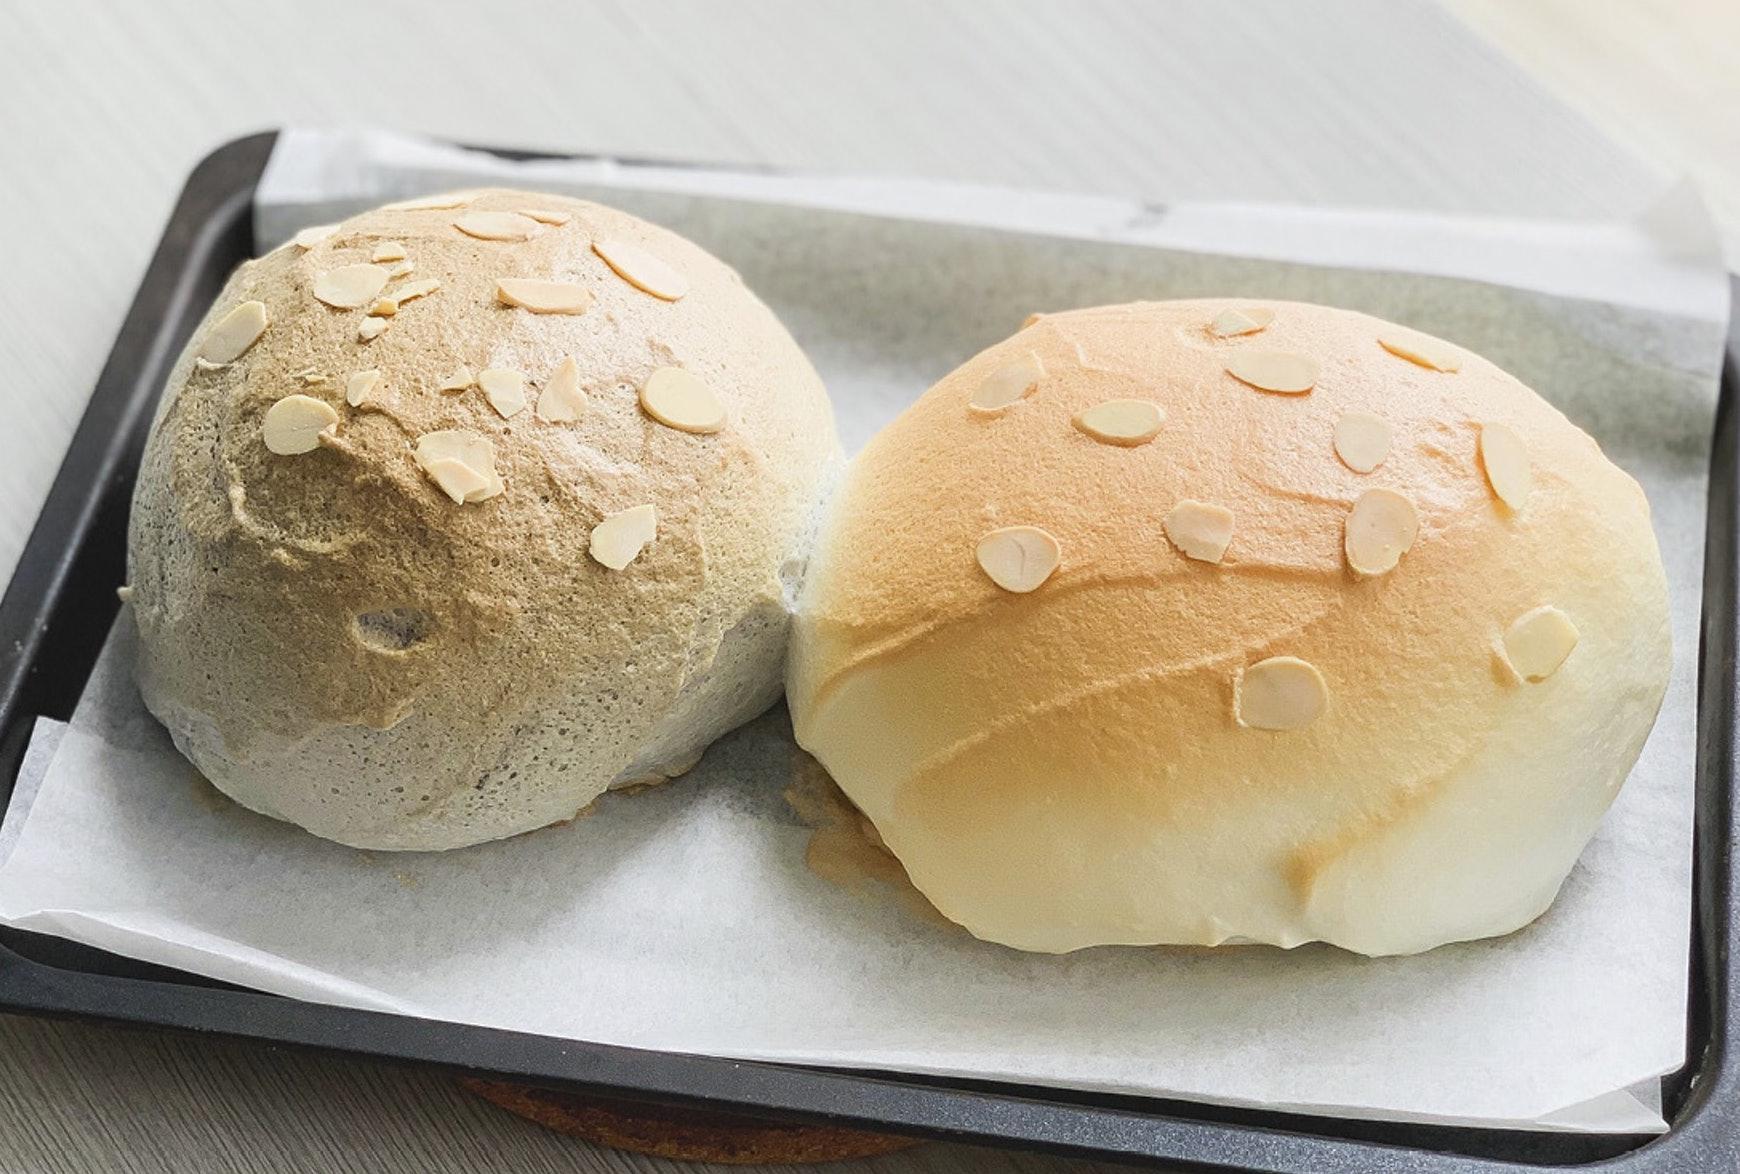 不要以为做面包就很复杂,3种材料1个烤箱快速做出网红云朵面包